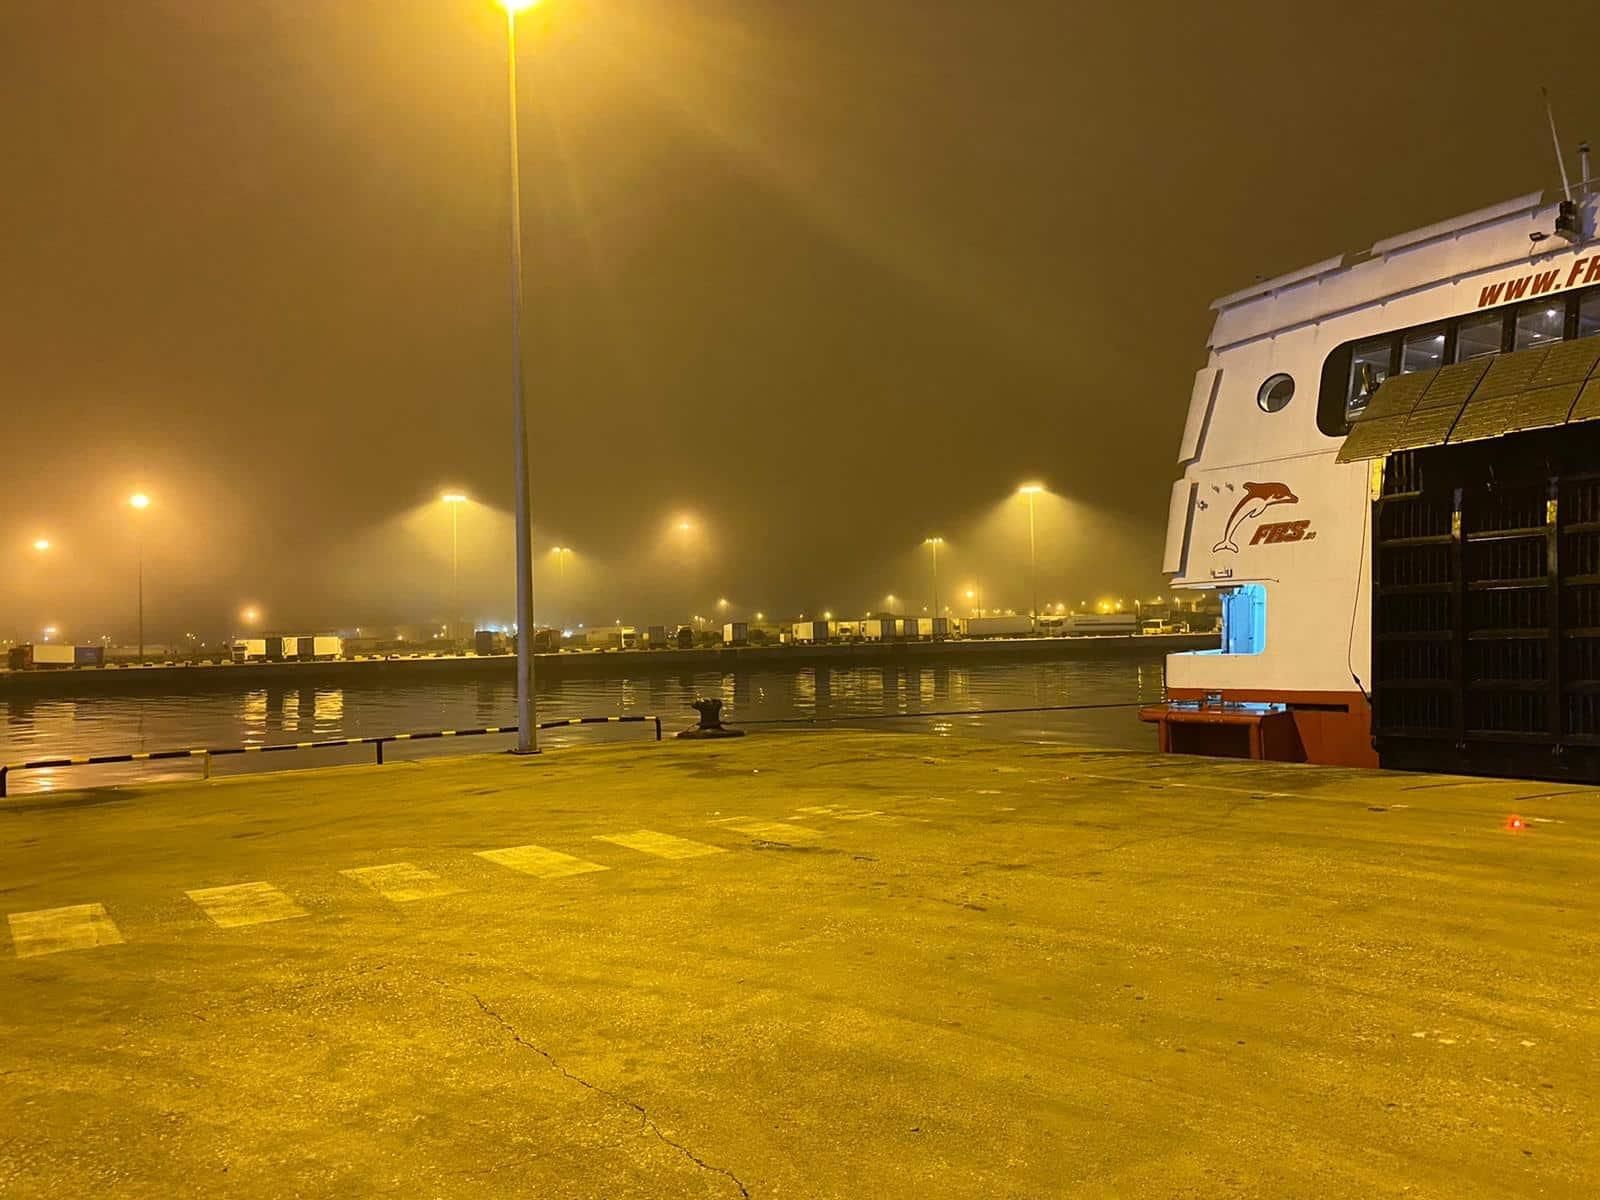 Tarde - noche de densa niebla, bocinas y cancelaciones